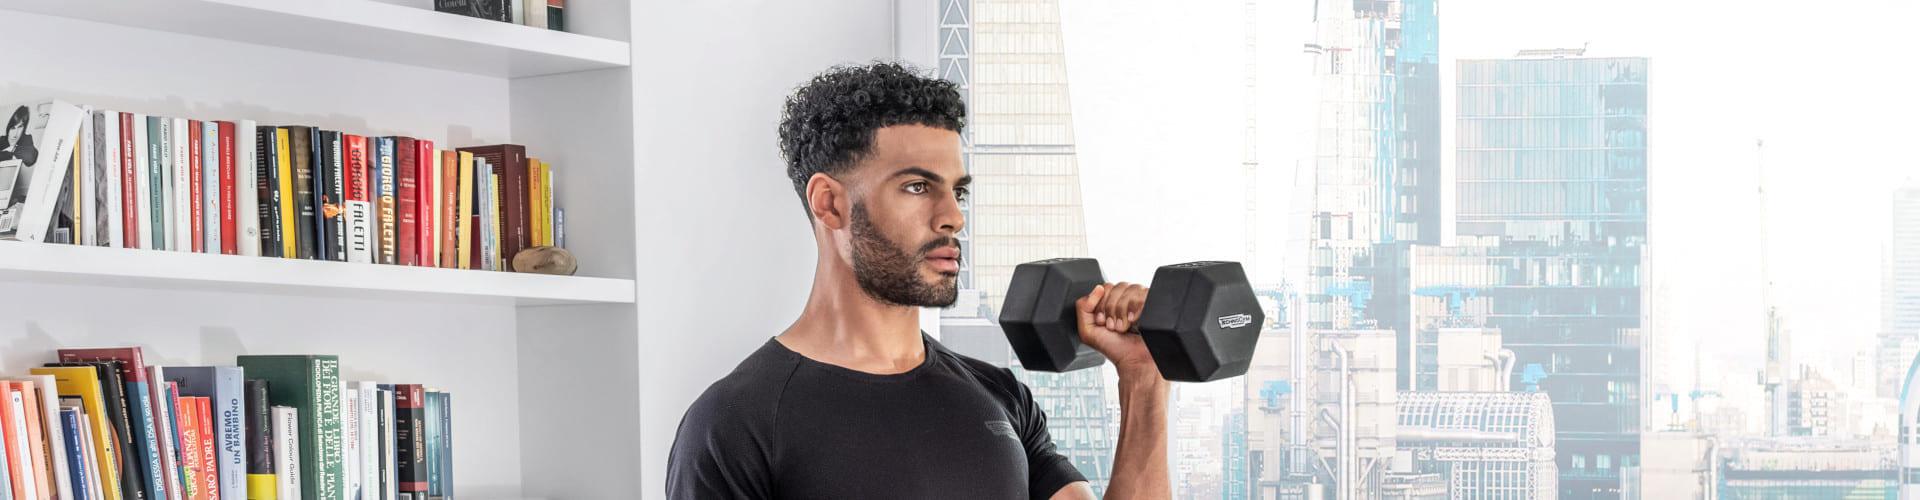 5 harjoitusta joilla kiinteytät käsivarret kesäkuntoon